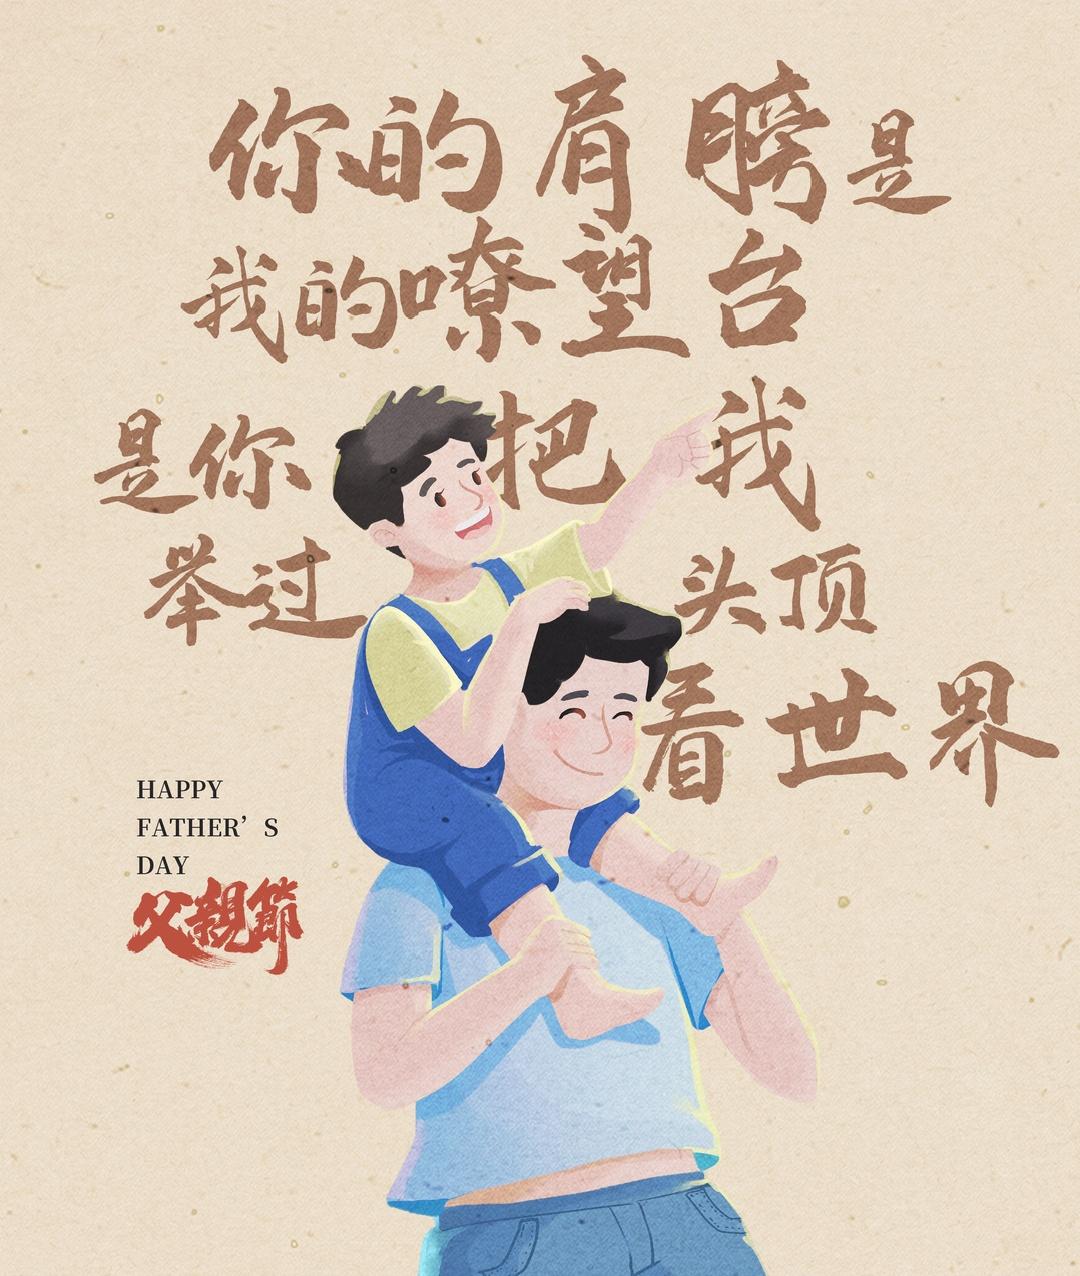 千库网_父亲节亲子陪伴浅色手绘插画风海报_模板编号5186049.jpg